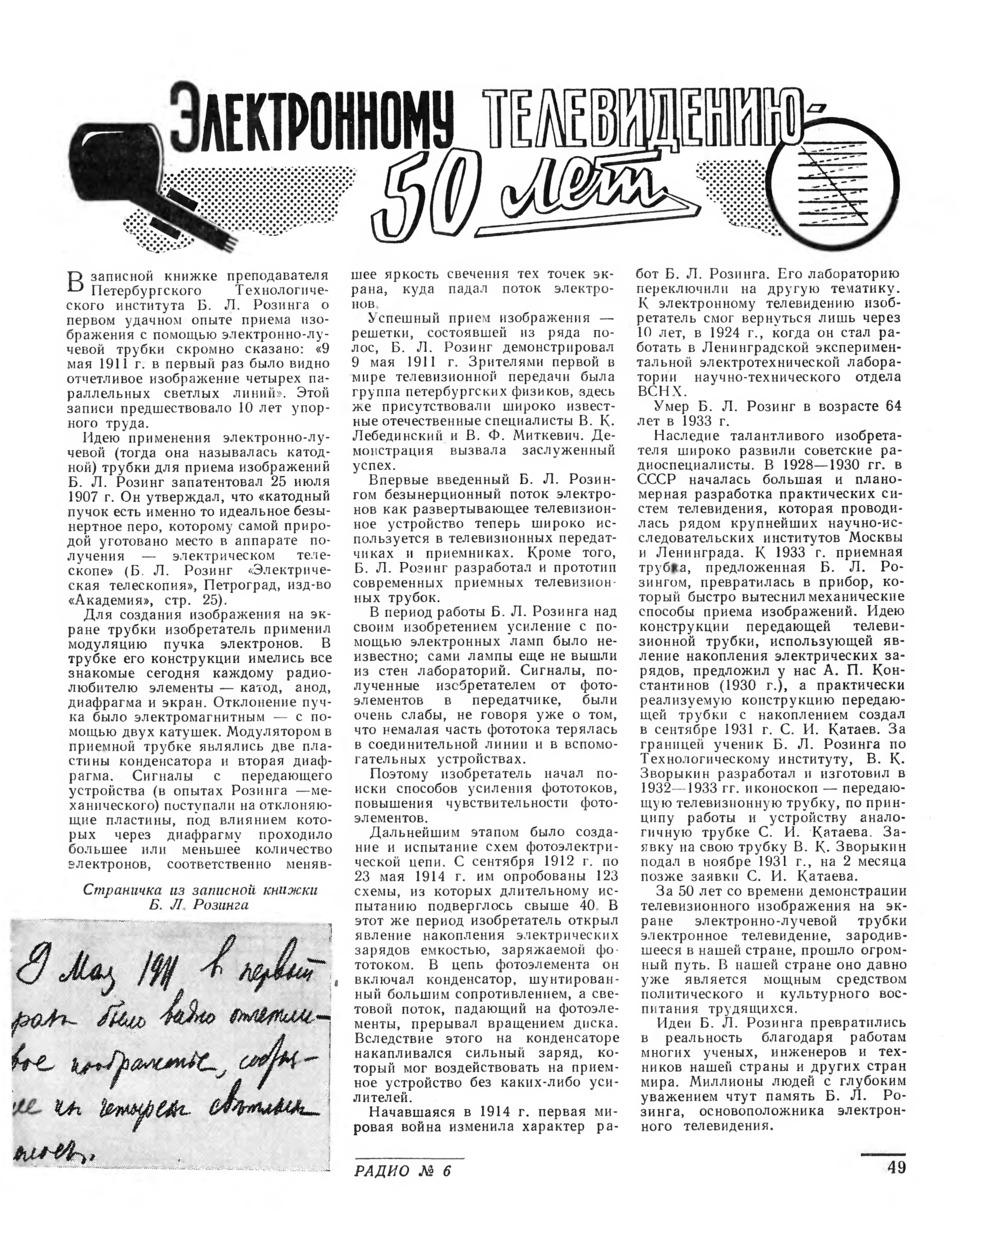 f.1961-06.053.jpg